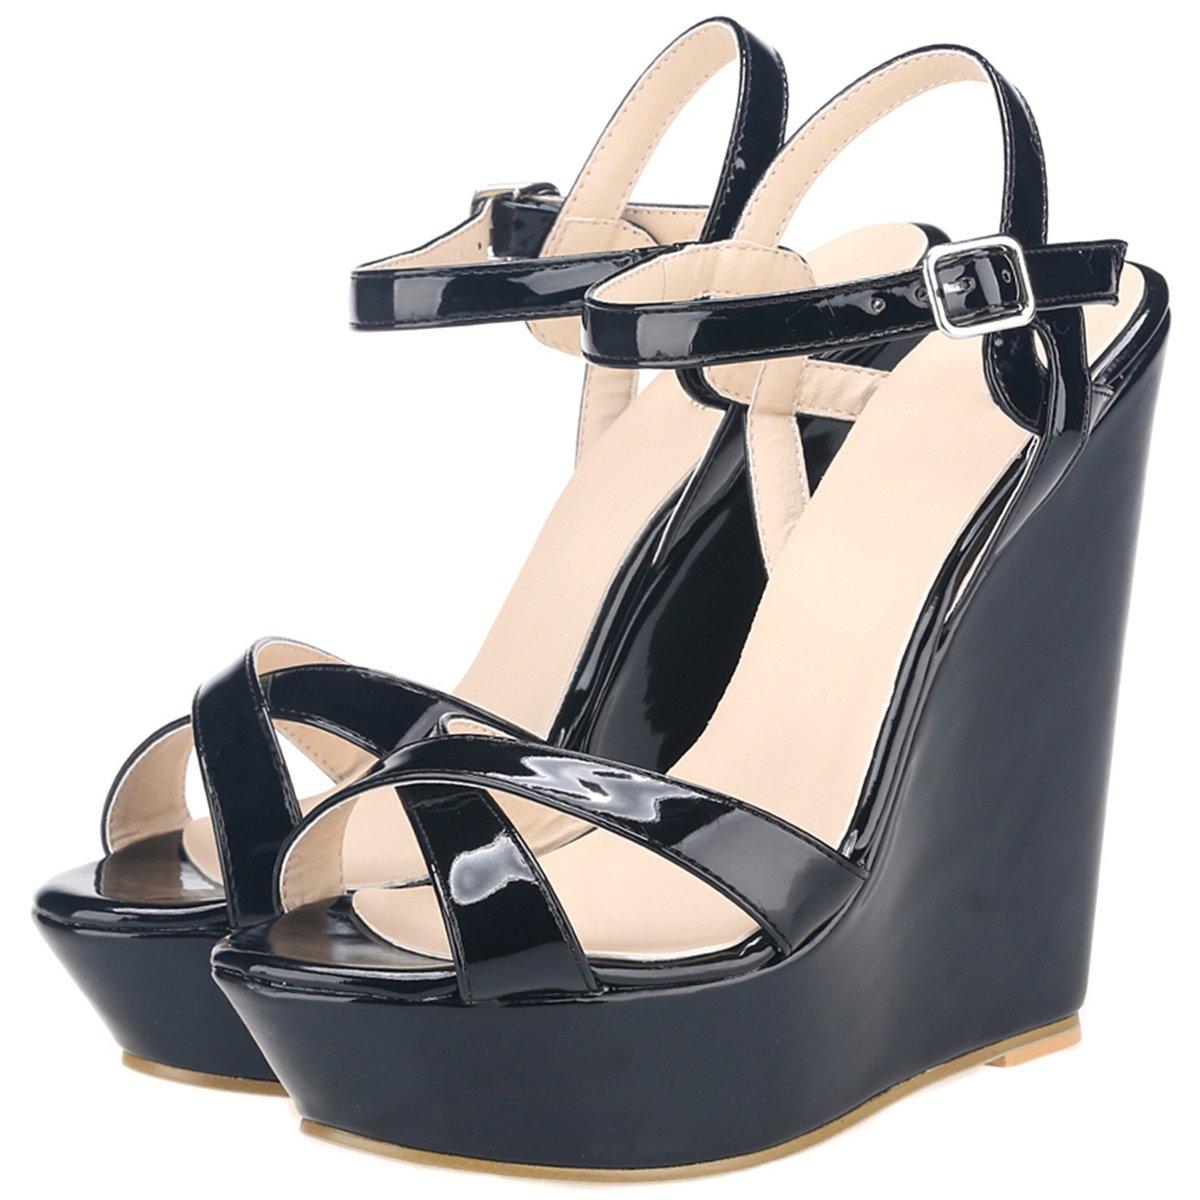 5f07cf7090c4af wealsex Sandales Plateforme Compensees Femme Cuir Vernis Bout Ouvert Bride  Cheville Boucles Chaussure Eté Bohême Elégant ...